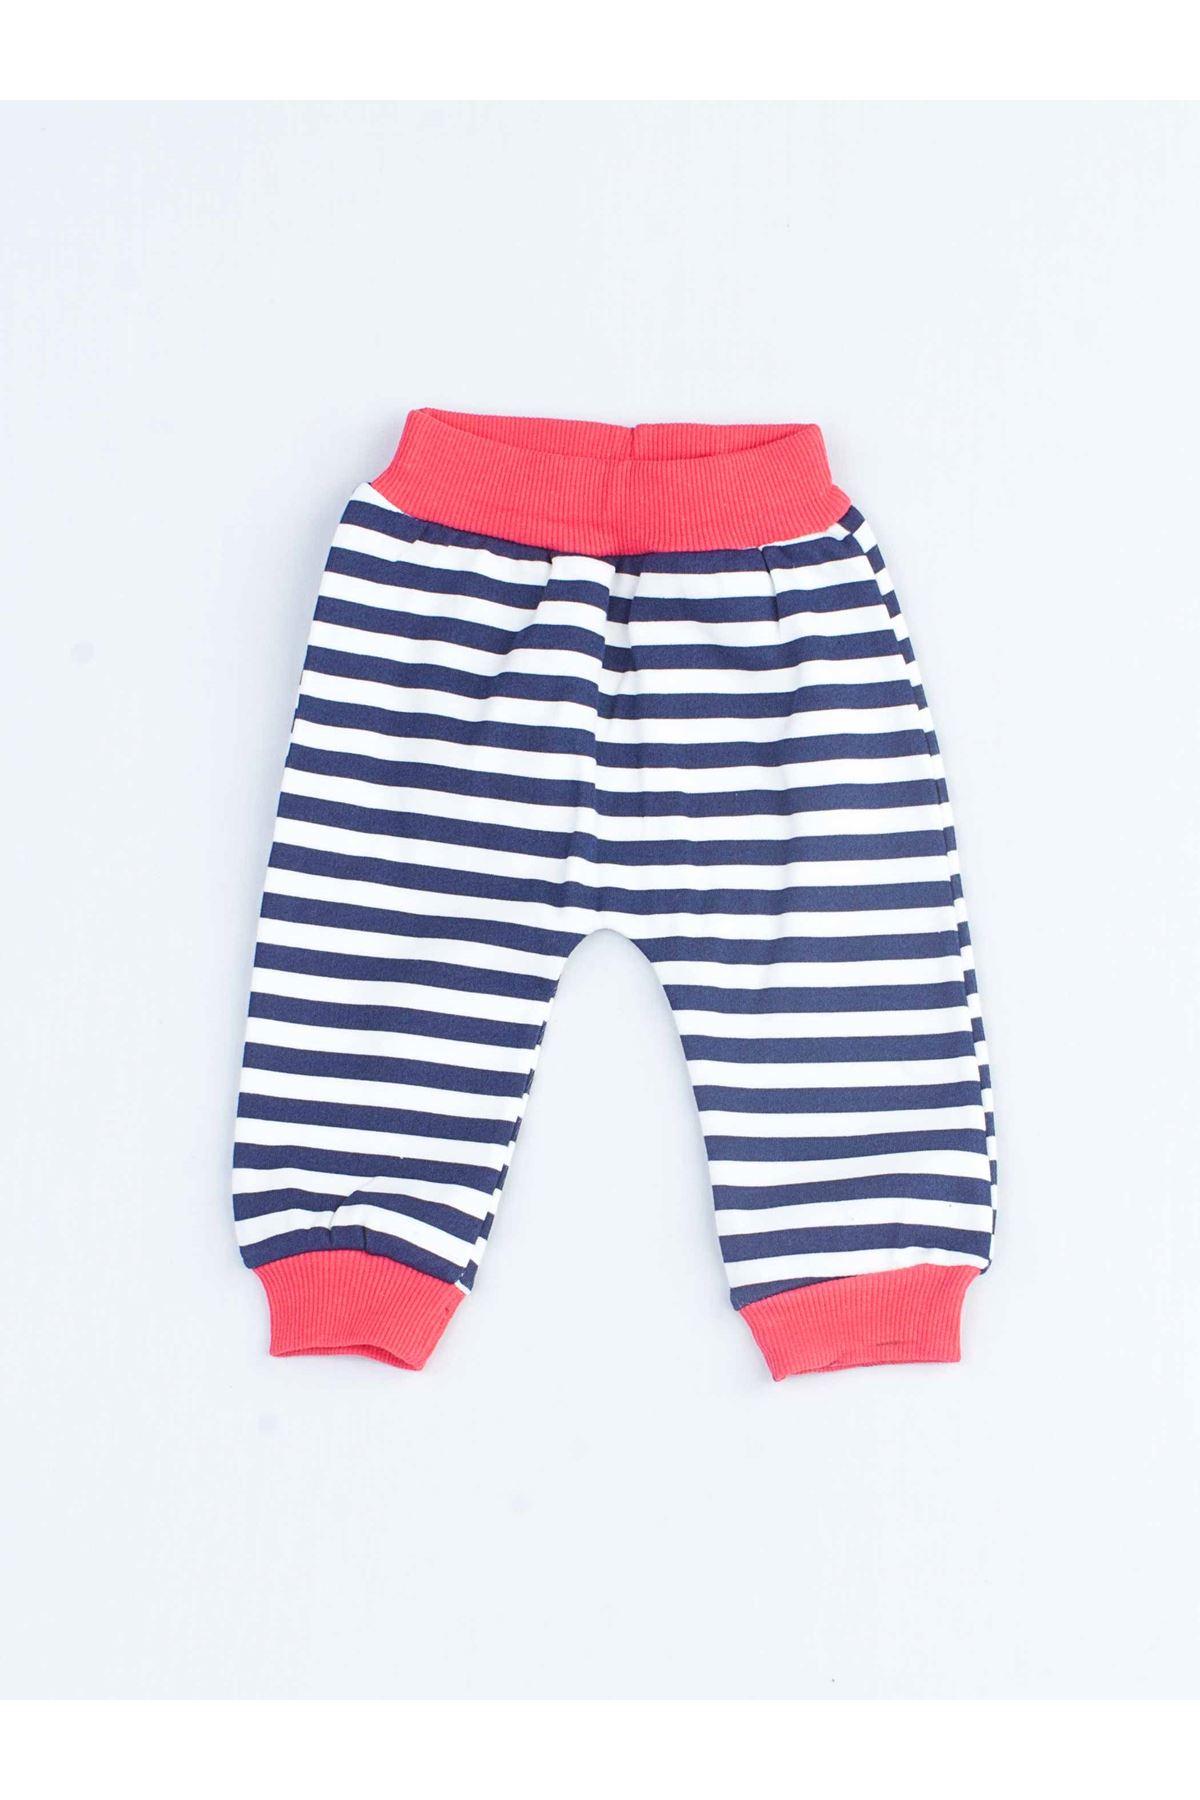 Narçiçeği Kız Bebek Pijama Takımı